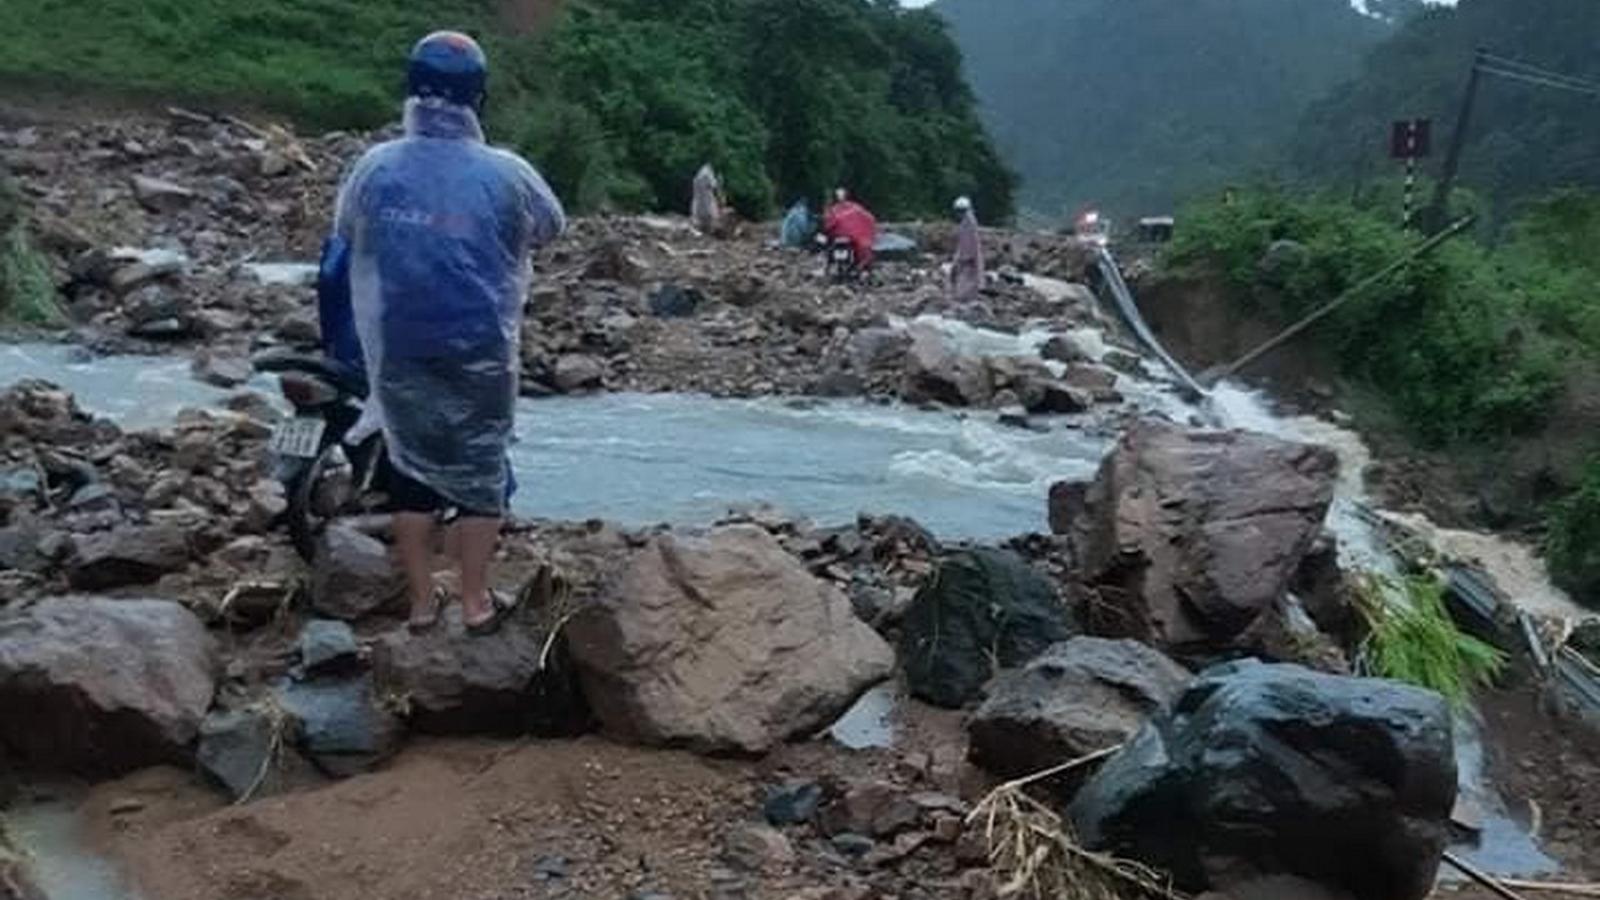 Miền Trung: Mưa lớn, nhiều nơi bị chia cắt trong đêm, nước thượng nguồn tiếp tục đổ về